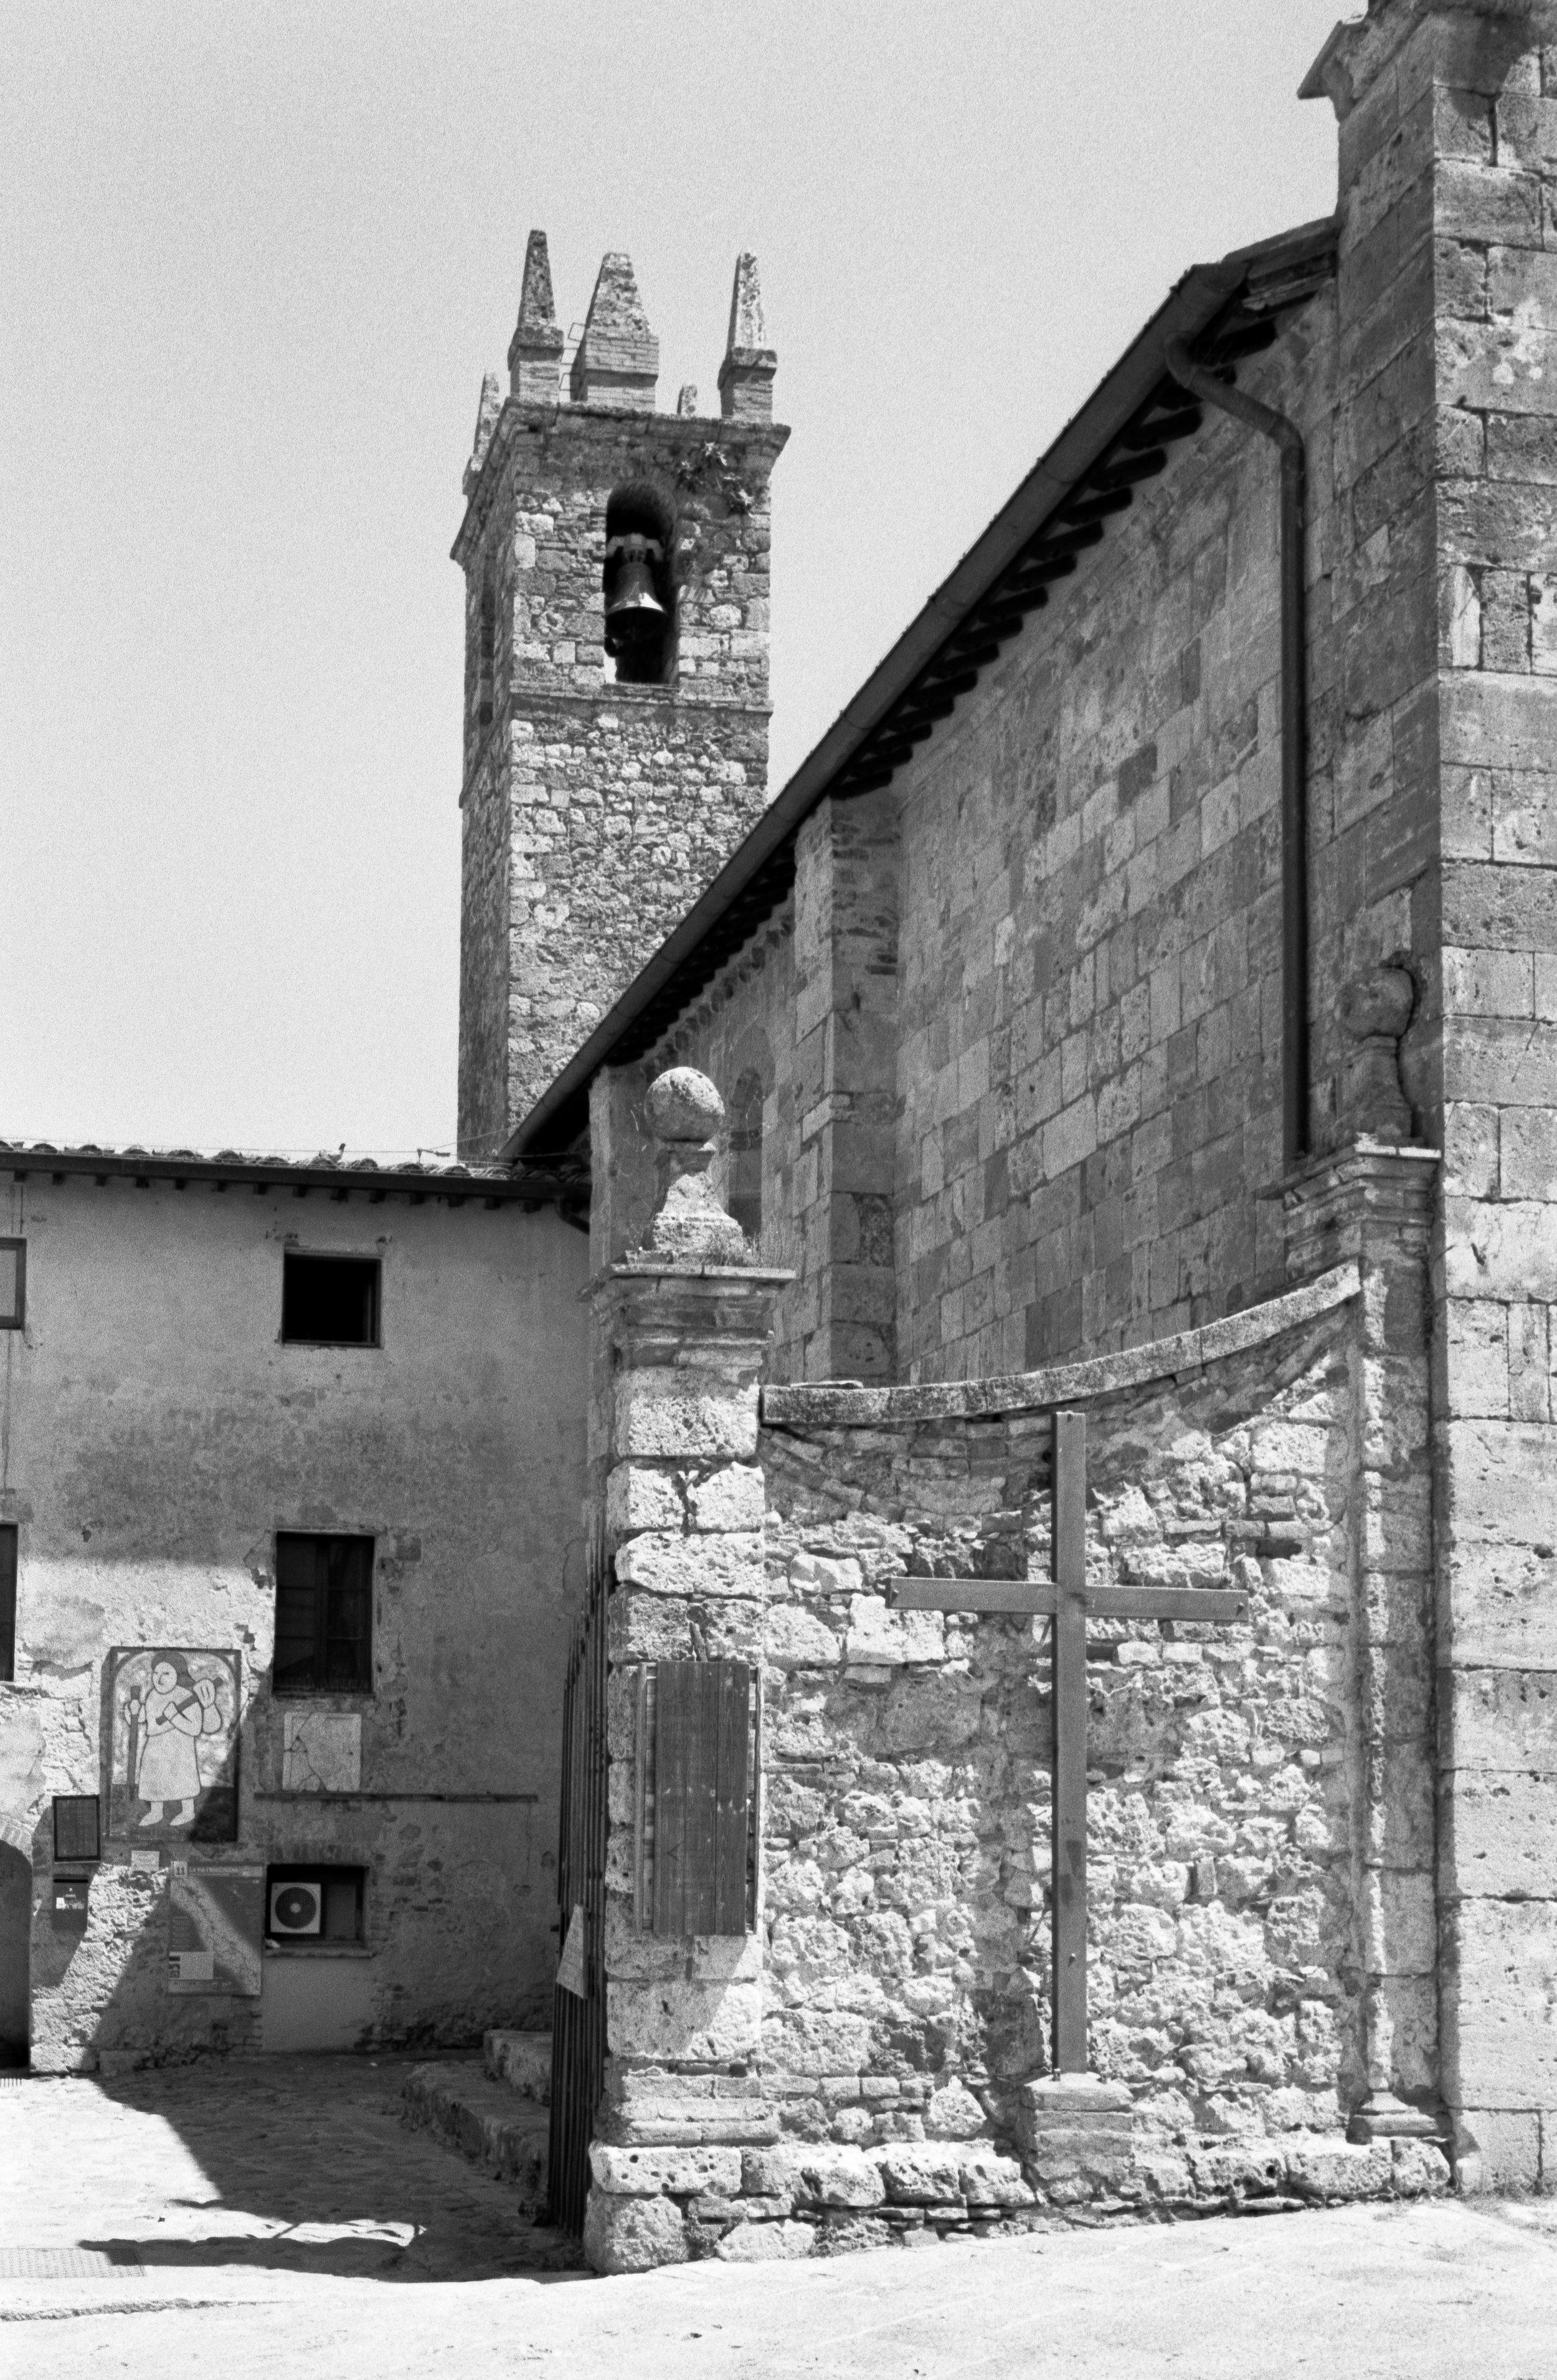 Church of Santa Maria, Monteriggioni. Italy. 2019.